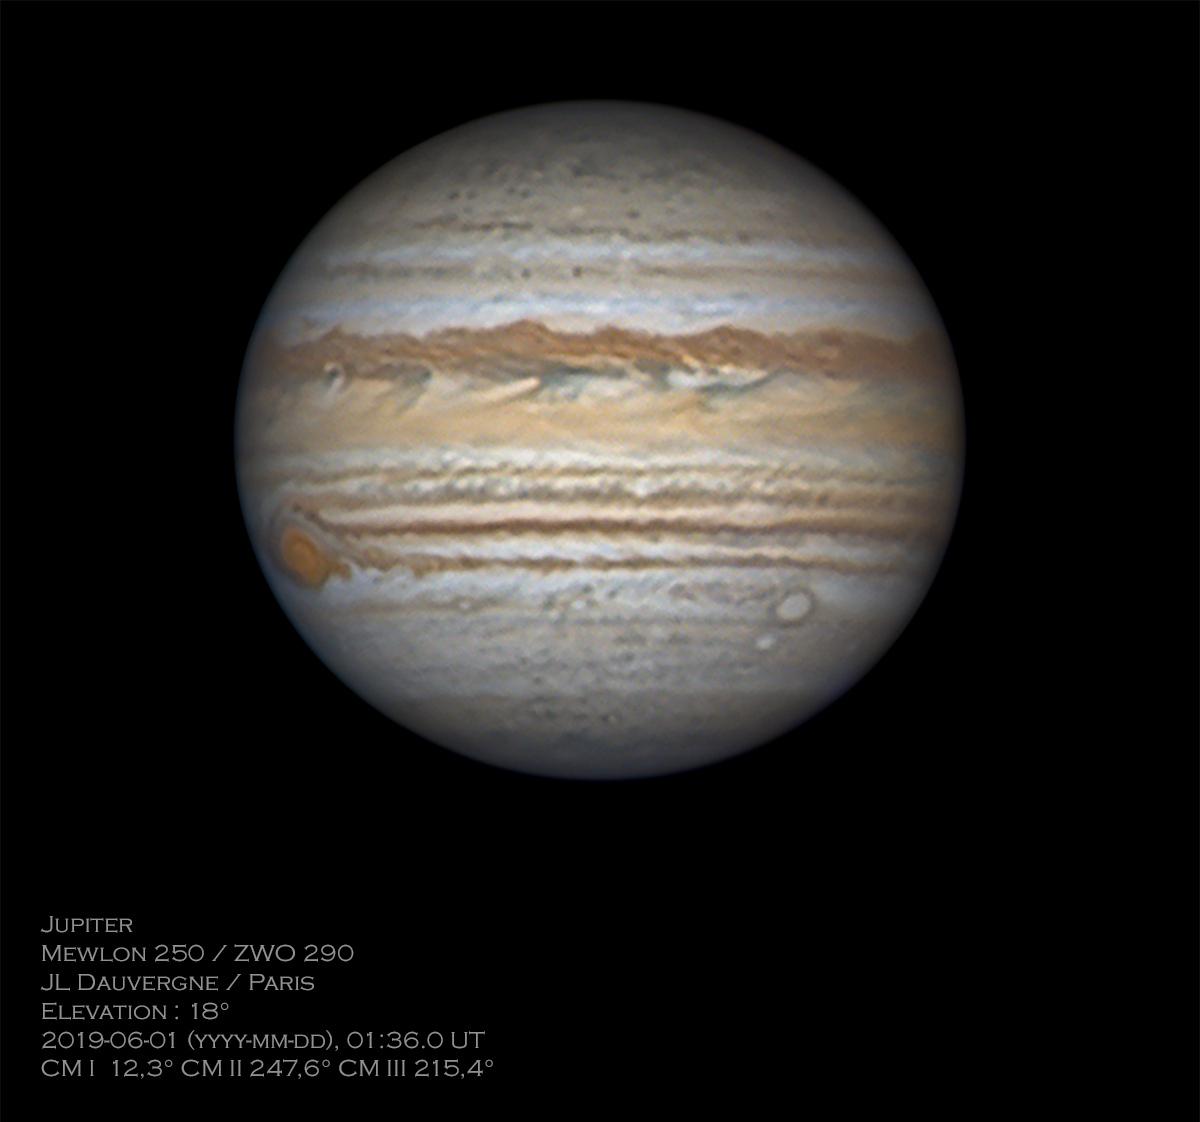 5cf2f0ef9e7b9_2019-06-01-0136_0-L-Jupiter_ZWOASI290MMMini_lapl7_ap171regi.jpg.51c888a03c7937c597d6428abf7da6d7.jpg